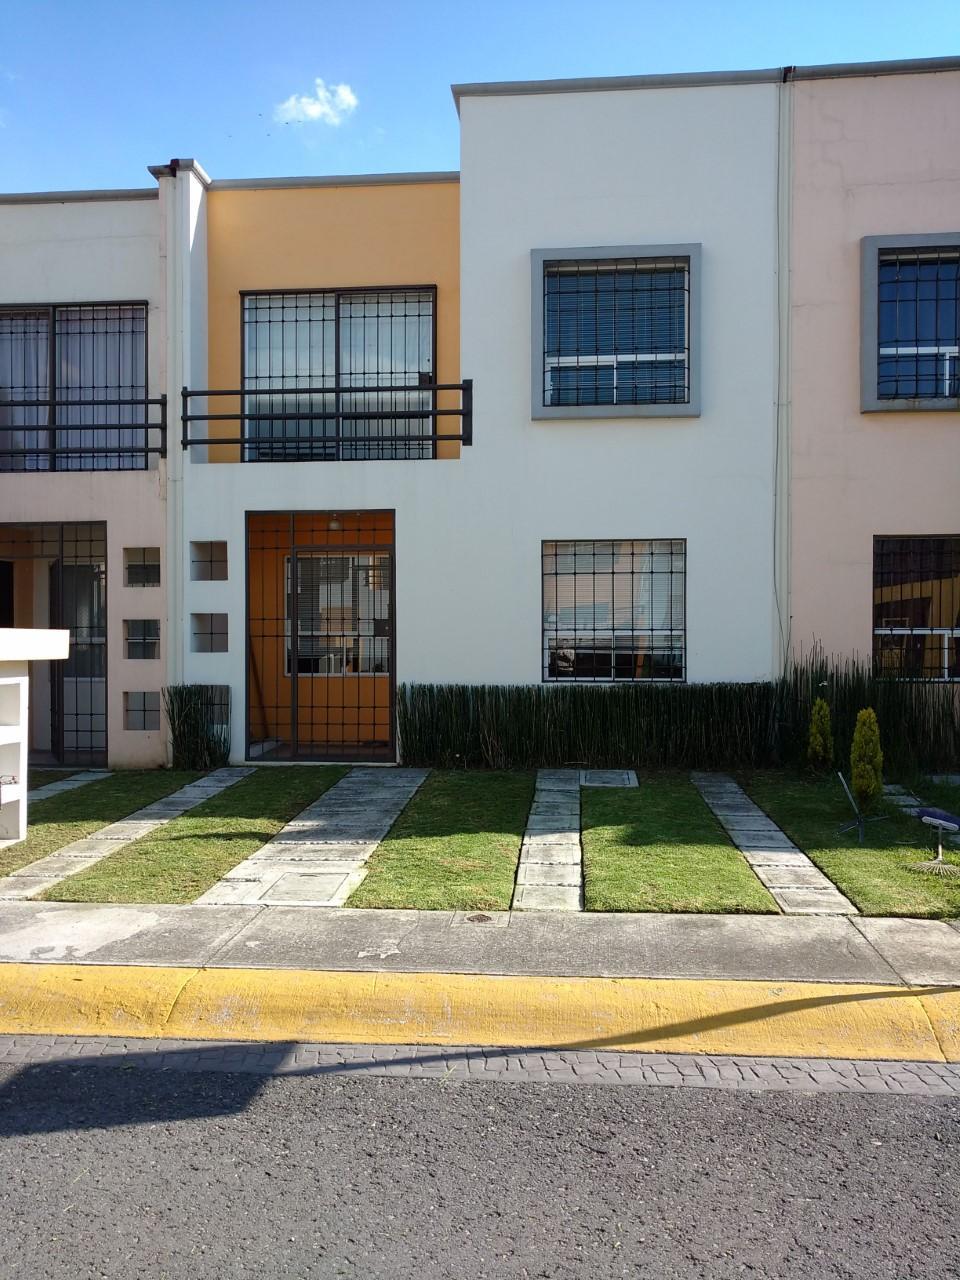 Casas en renta en toluca de lerdo for Casas de alquiler en